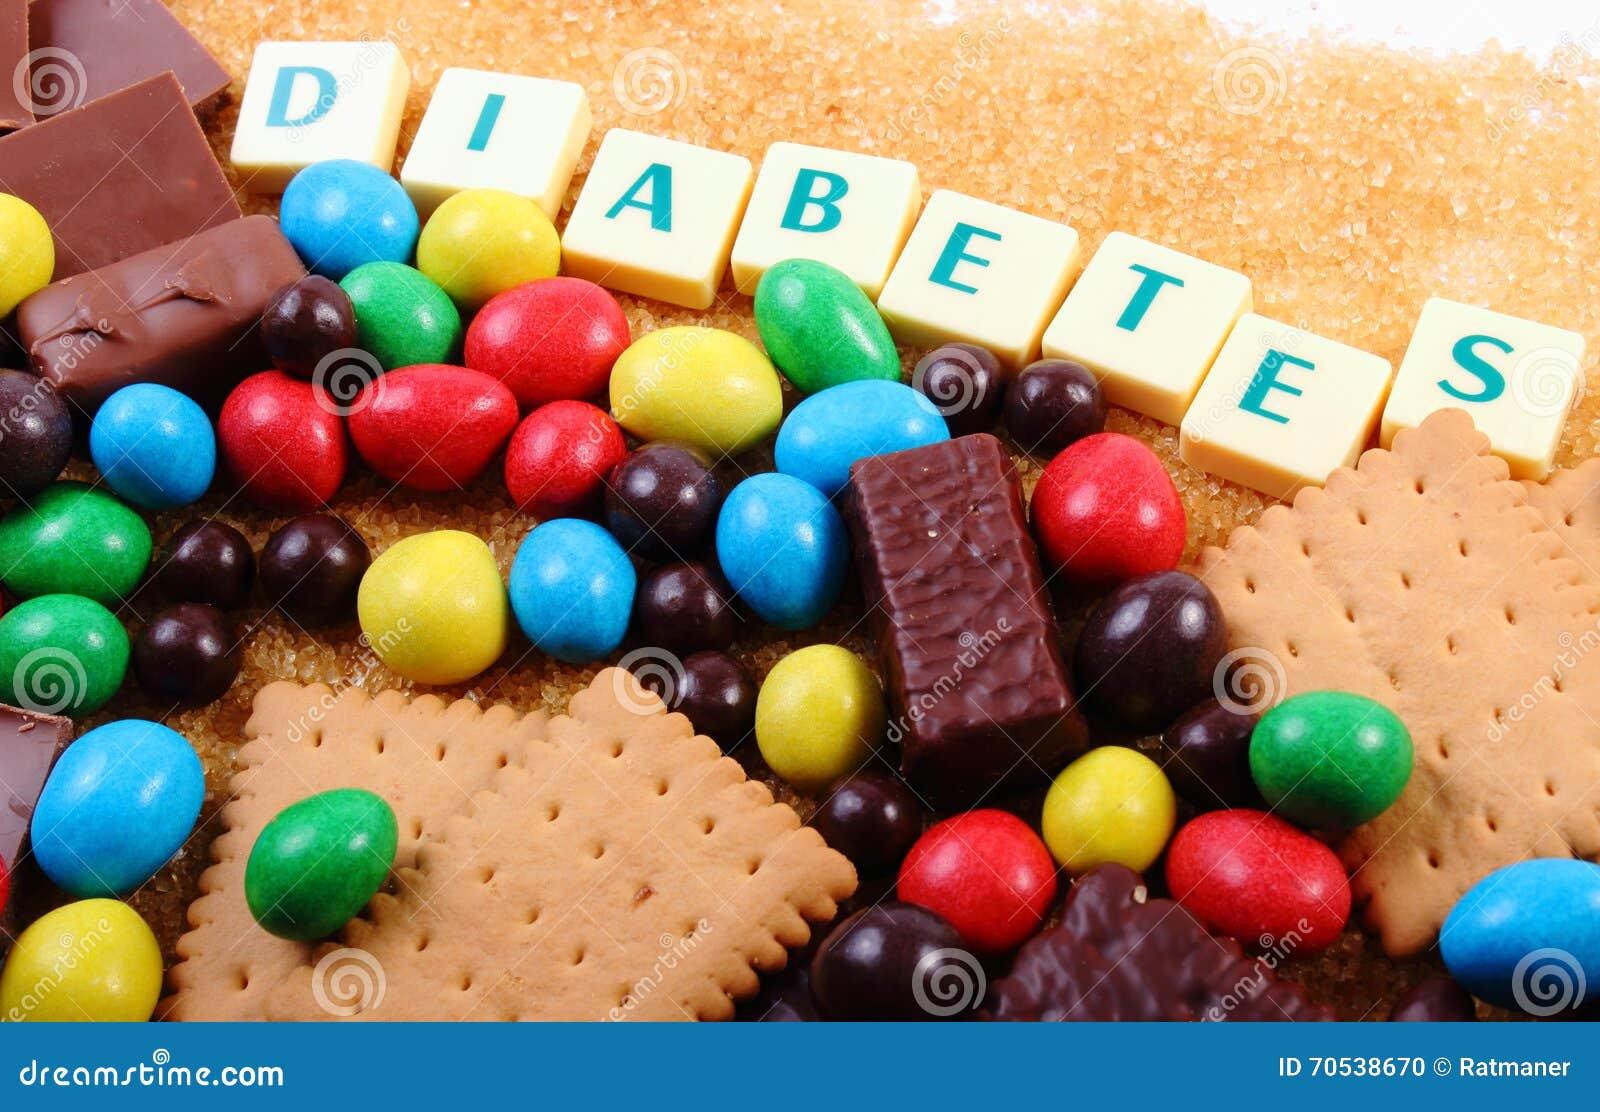 Spuntini Sani E Diabete : Molti dolci zucchero bruno e diabete di parola alimento non sano